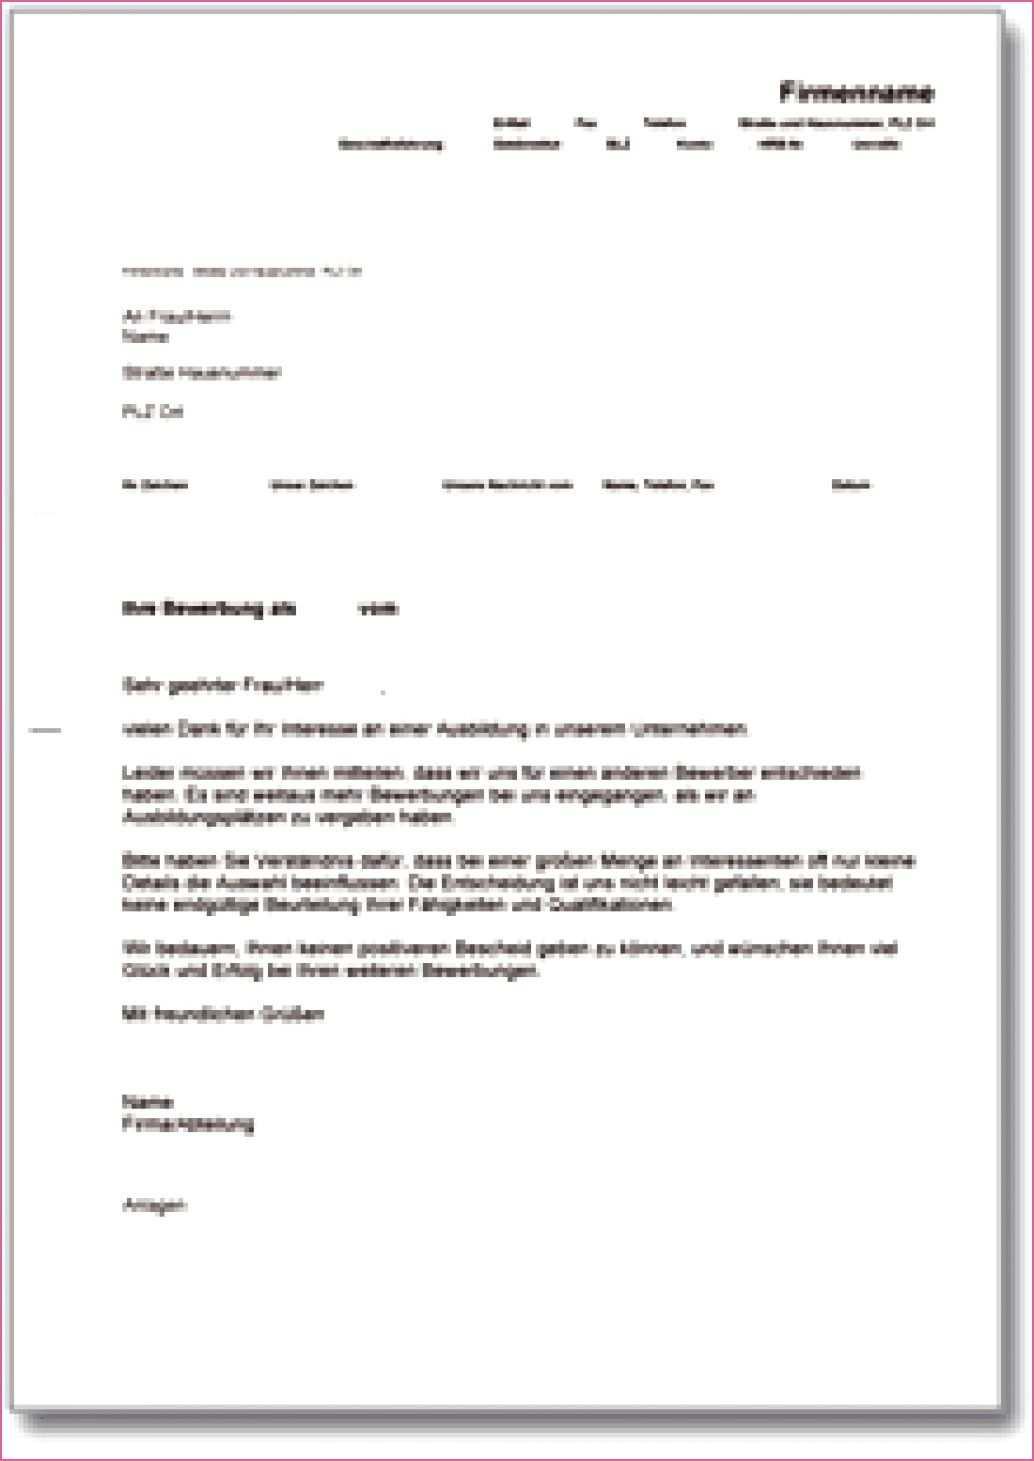 Abschlagsrechnung Muster Handwerk Rechnung Vorlage Handwerker